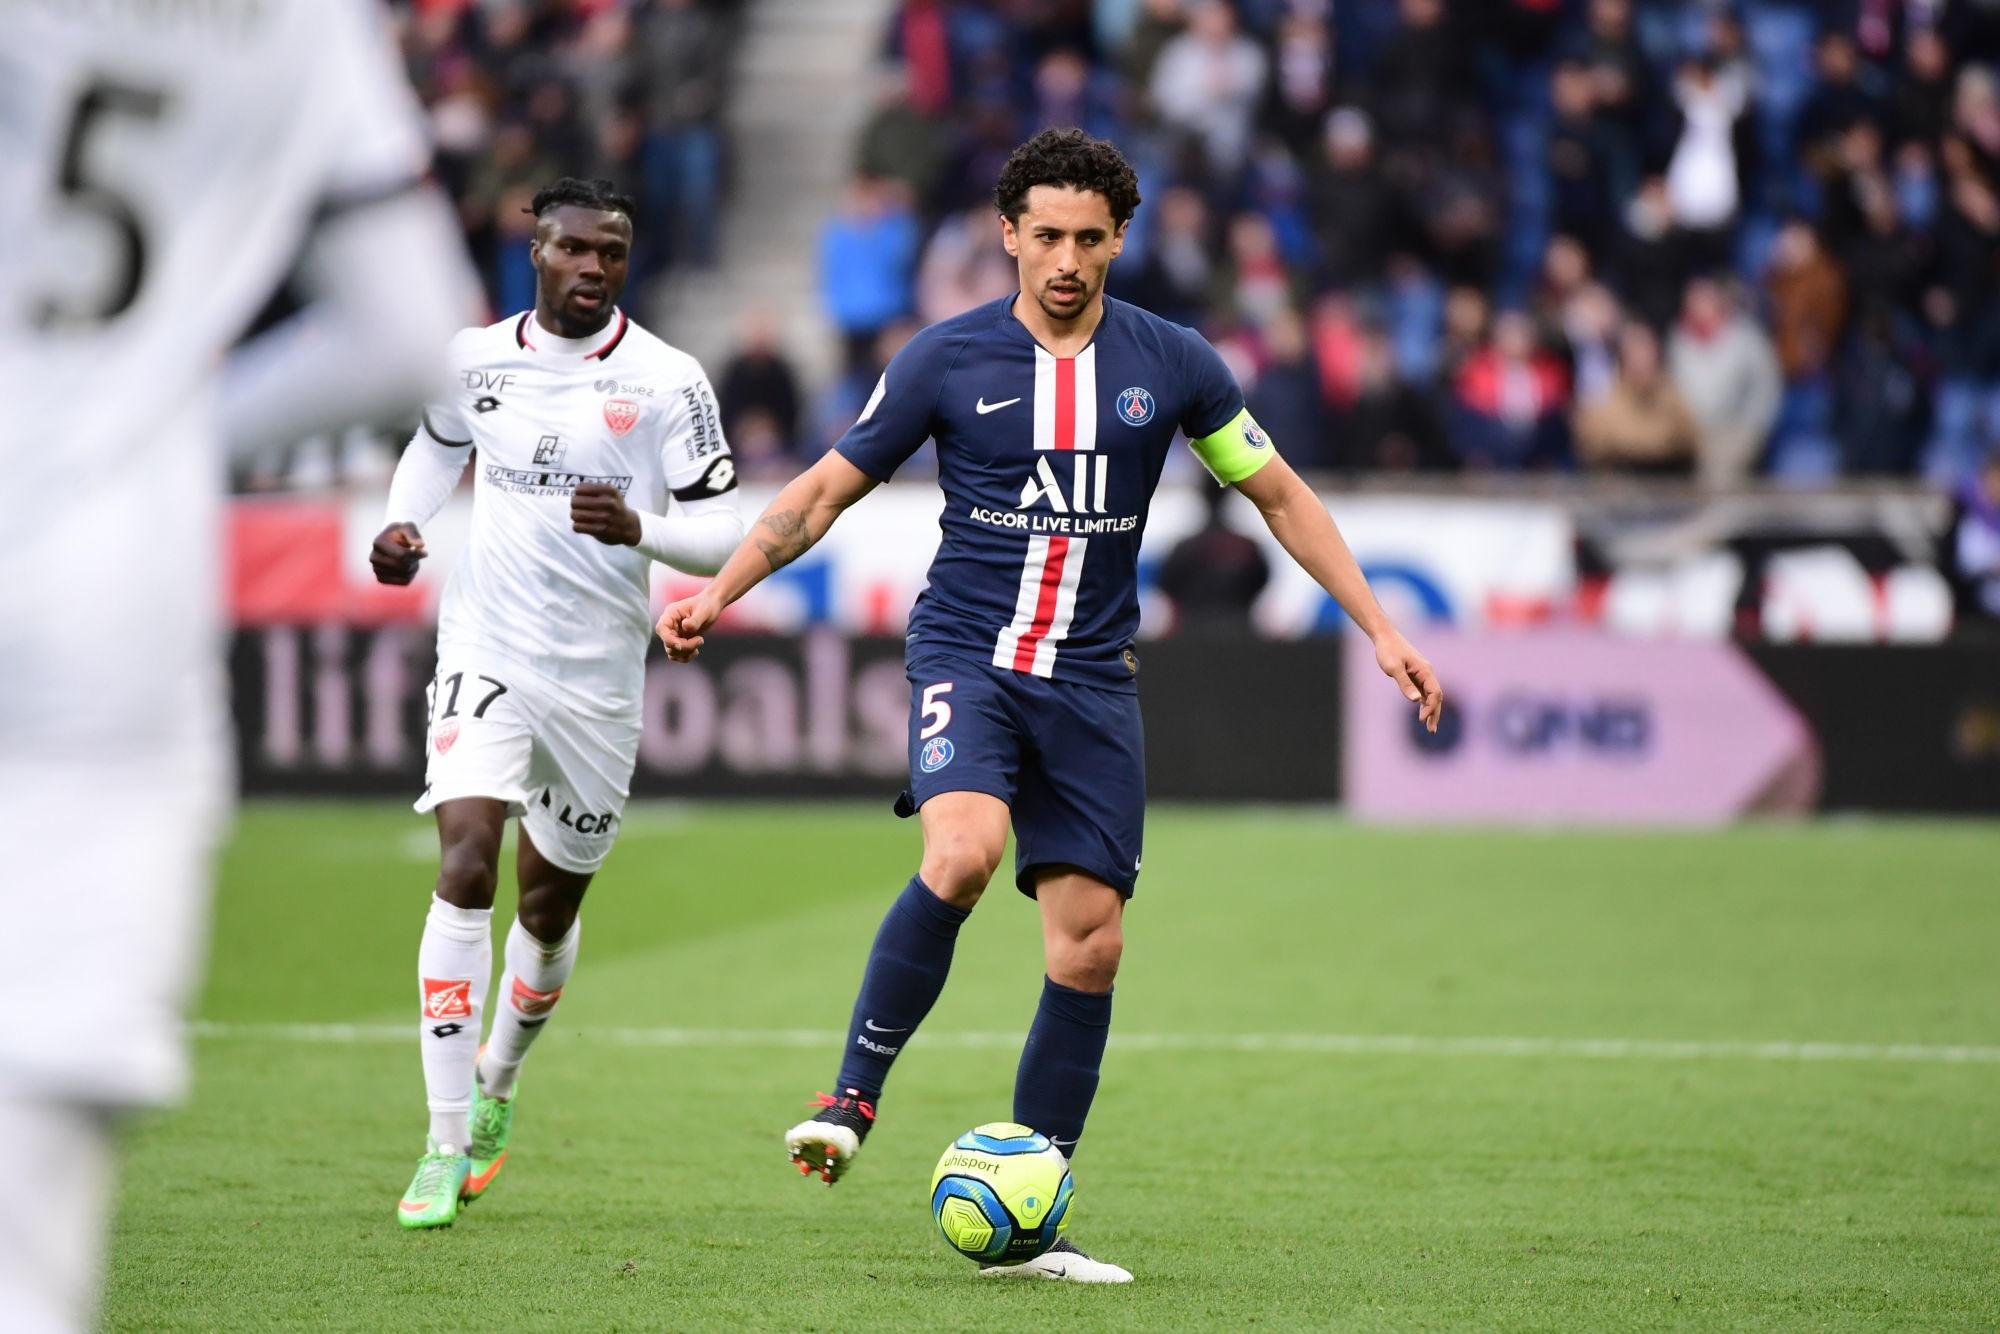 Pagliari annonce que Marquinhos va déjà rentrer en France